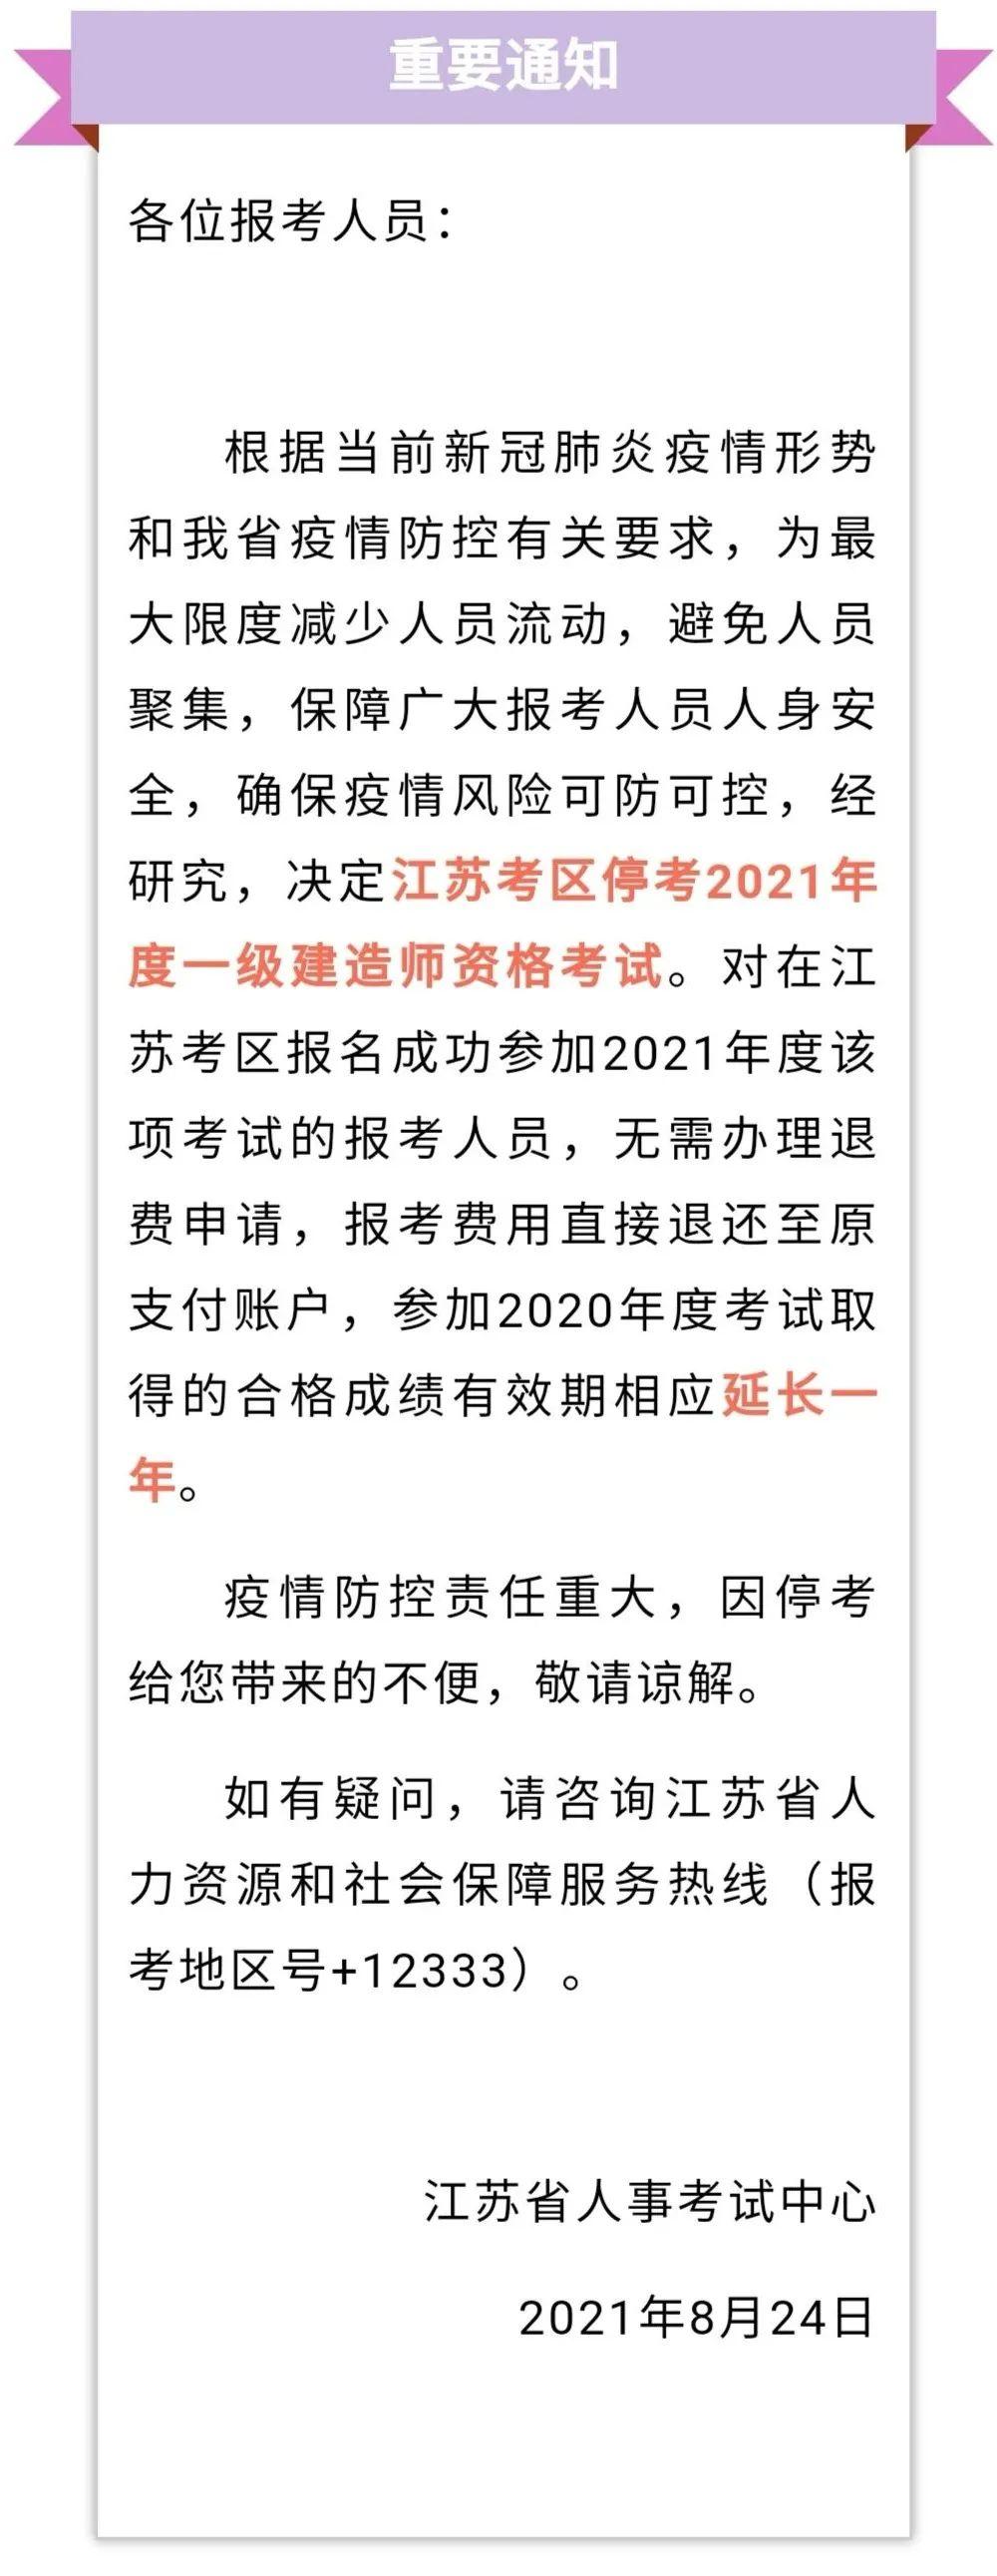 重要通知:2021年一级建造师江苏考区停考